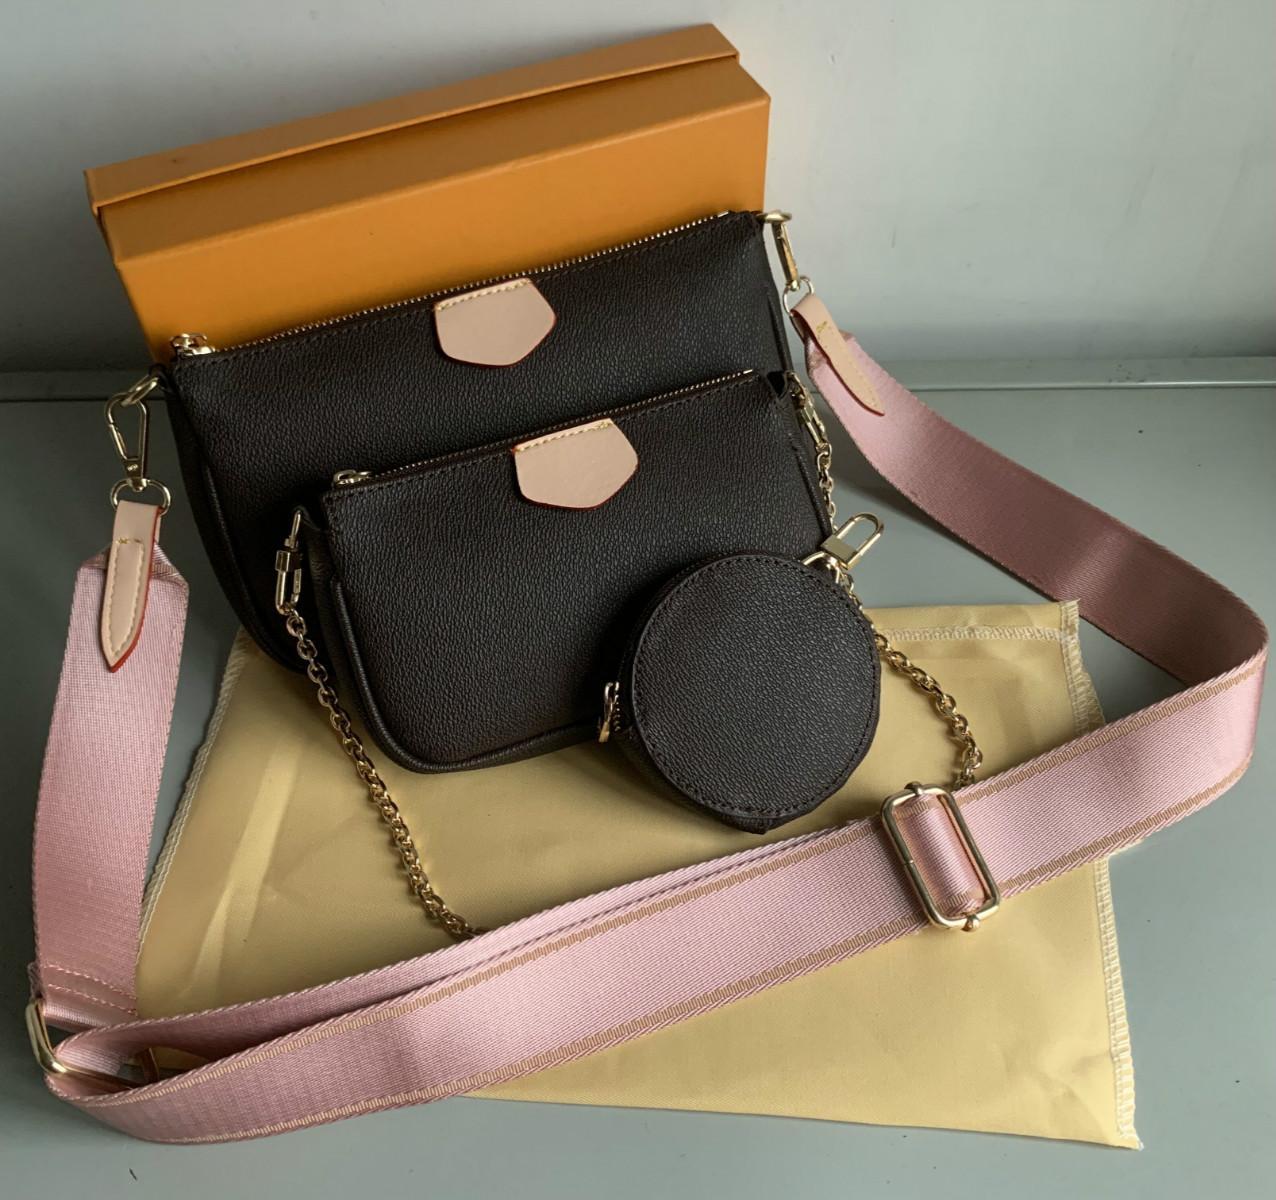 Продажа 3 шт сценографы сумки женщин Crossbody сумки из натуральной кожи роскошных сумок портмон дизайнеров леди сумка Портмоне три записи